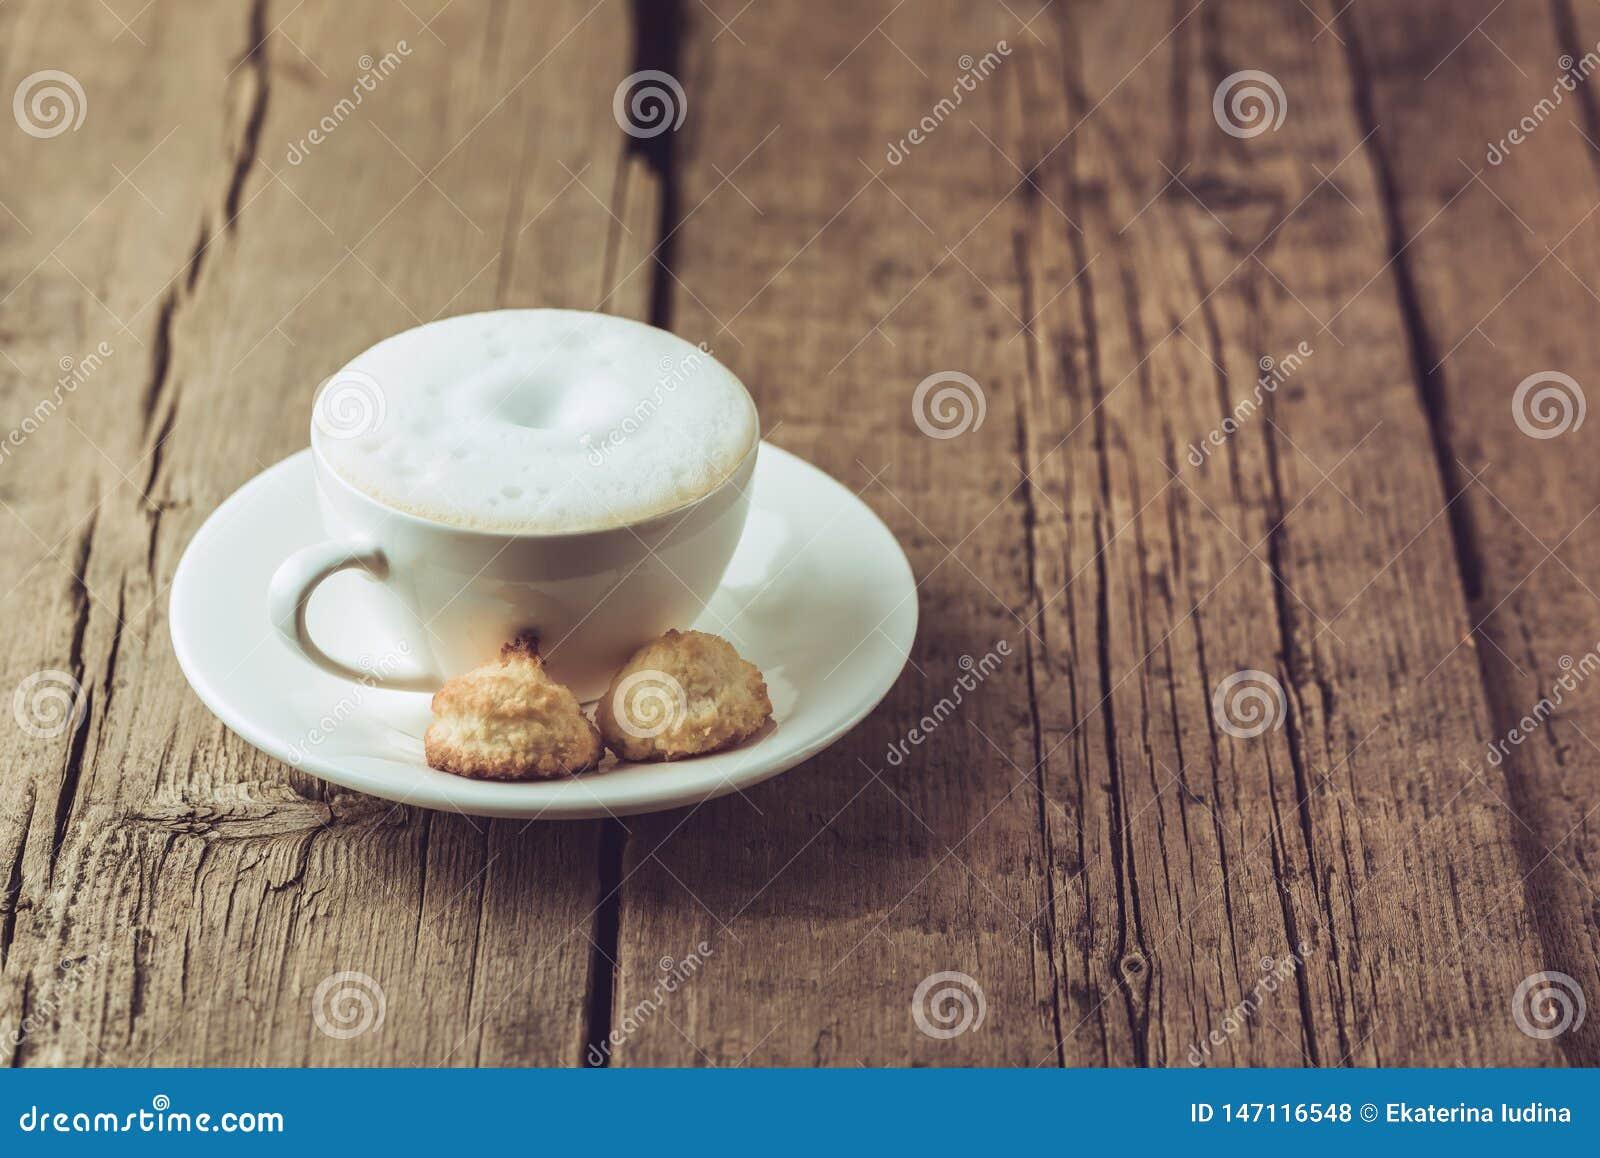 Taza de café y de galletas hechas en casa del coco en el postre sabroso del coco del viejo del fondo espacio horizontal de madera